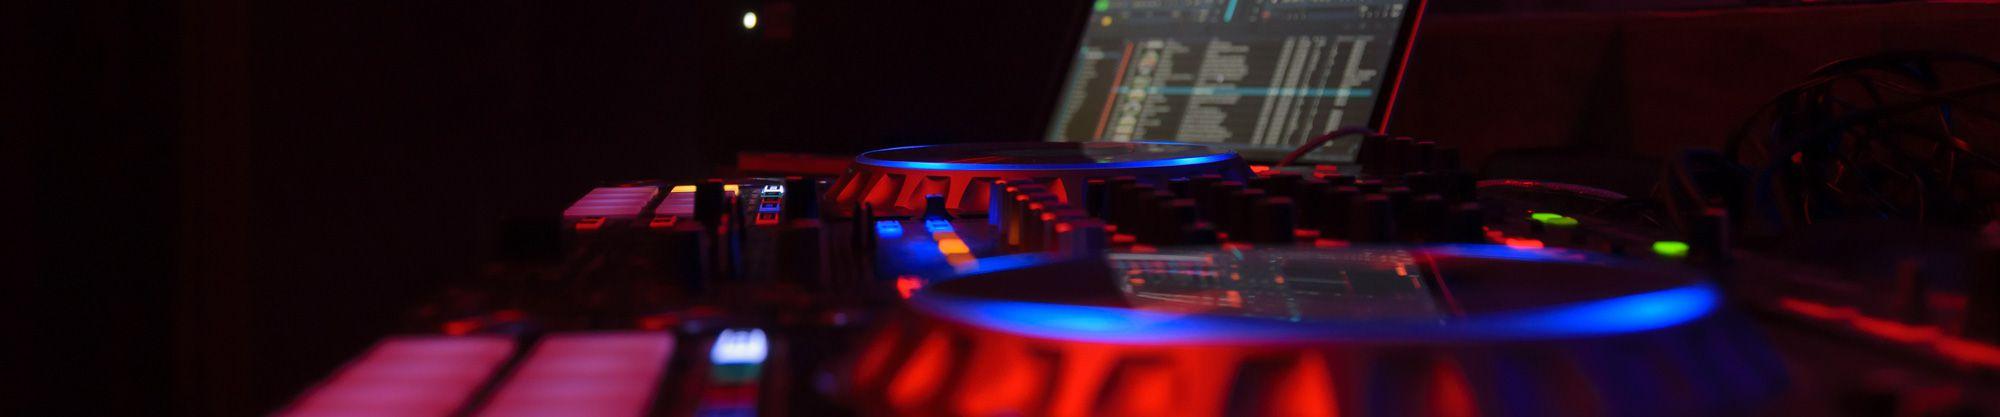 Was kostet ein Hochzeits DJ oder Event DJ?